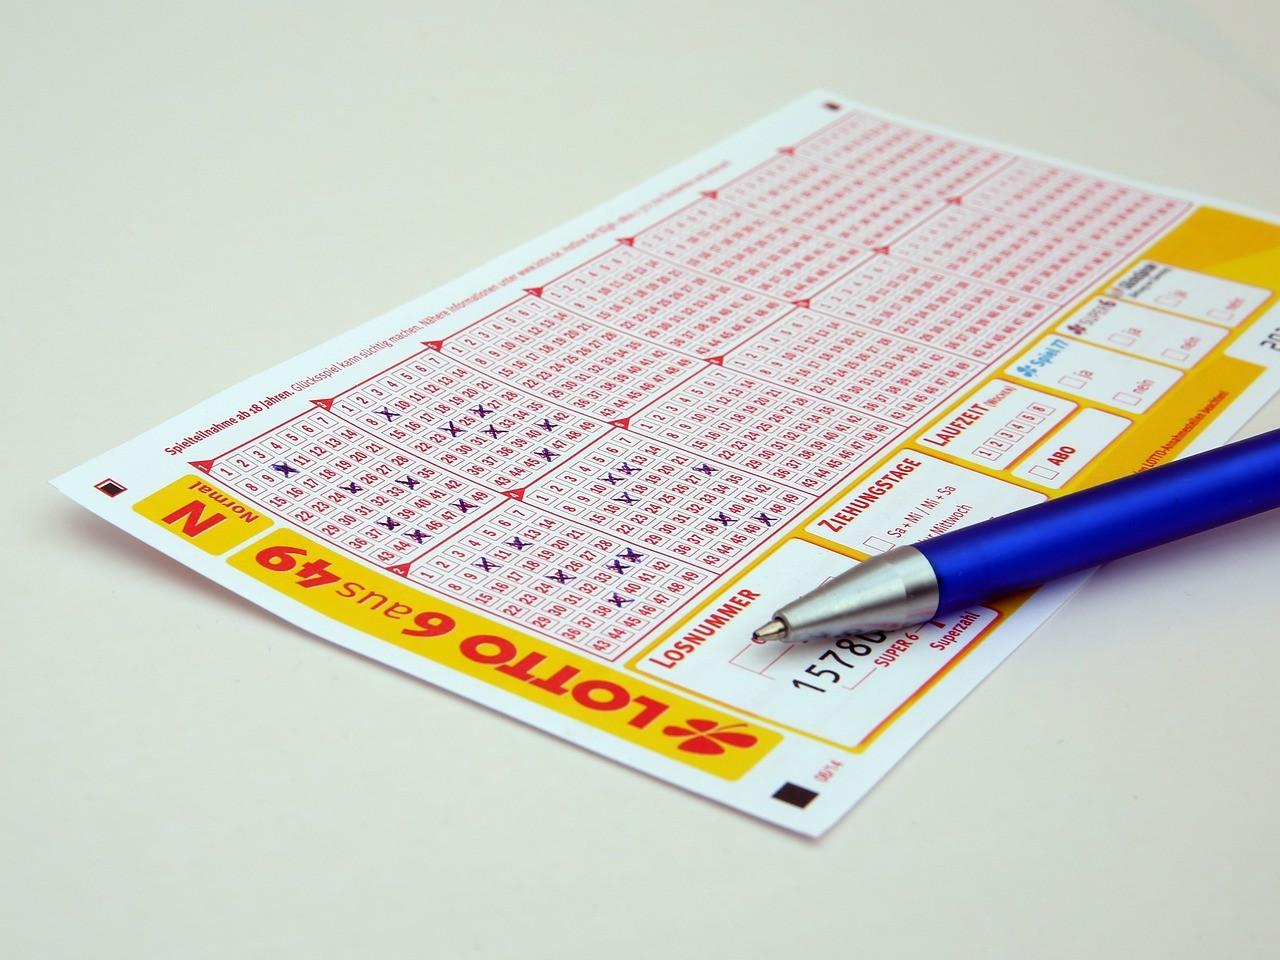 Loteria Federal 05088: confira o resultado de hoje